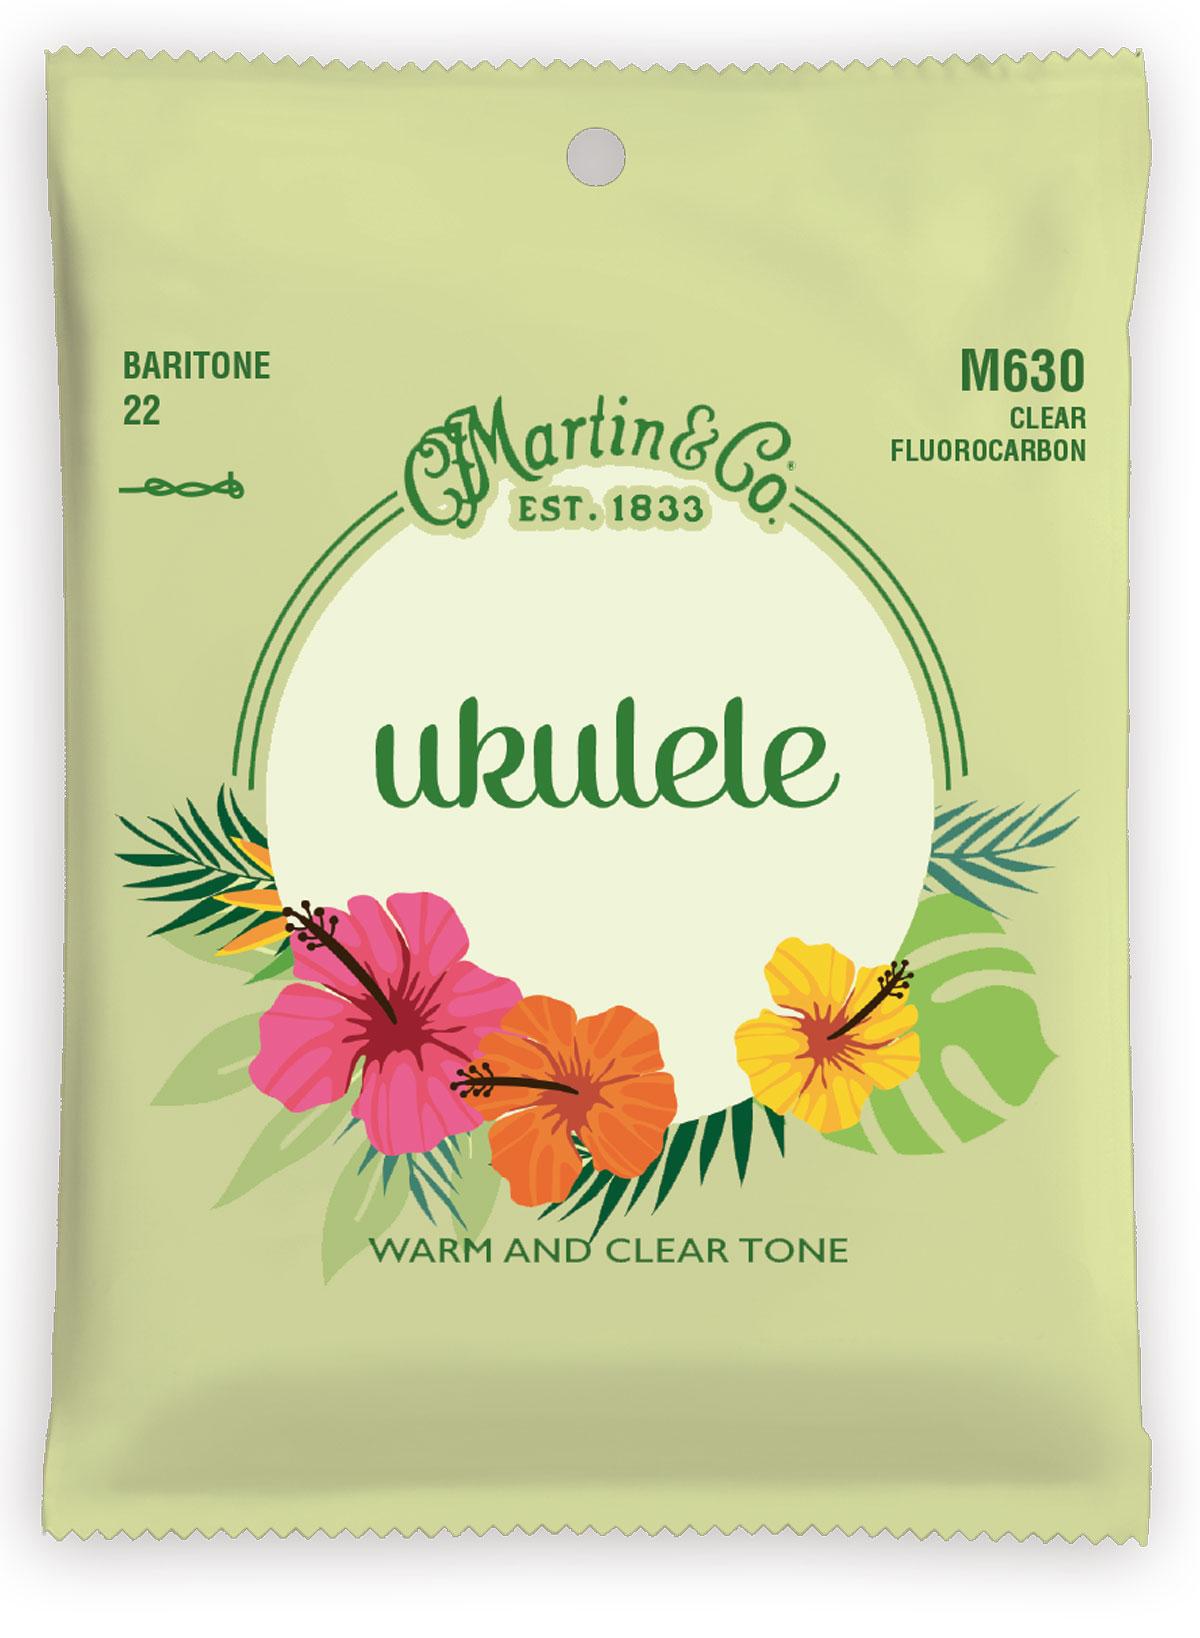 Martin & Co - Ukulele - Baritone Clear Fluorocarbon - M630